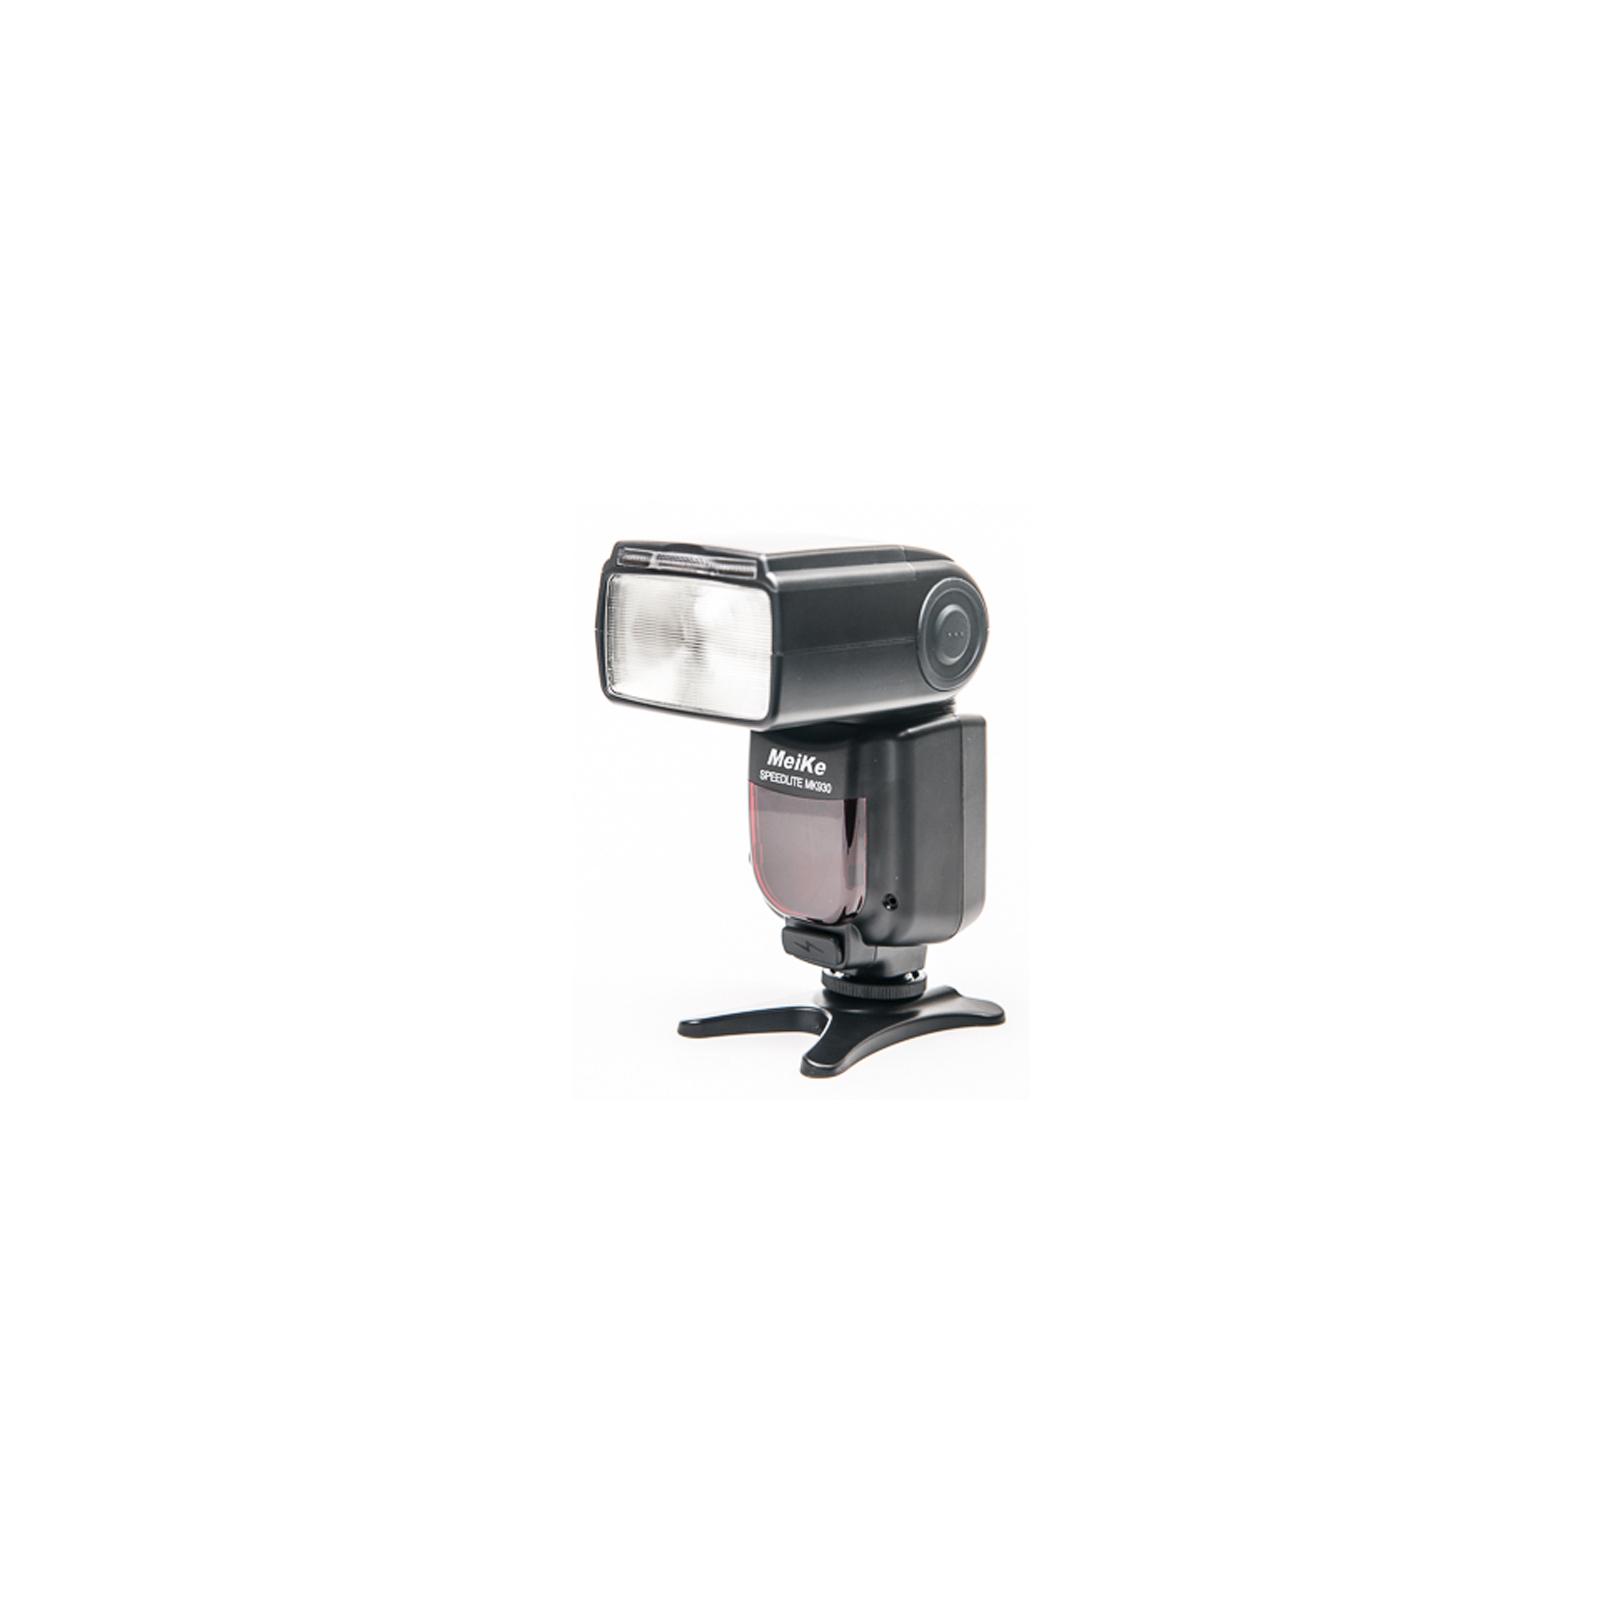 Вспышка Meike Canon 430c (SKW430C) изображение 3